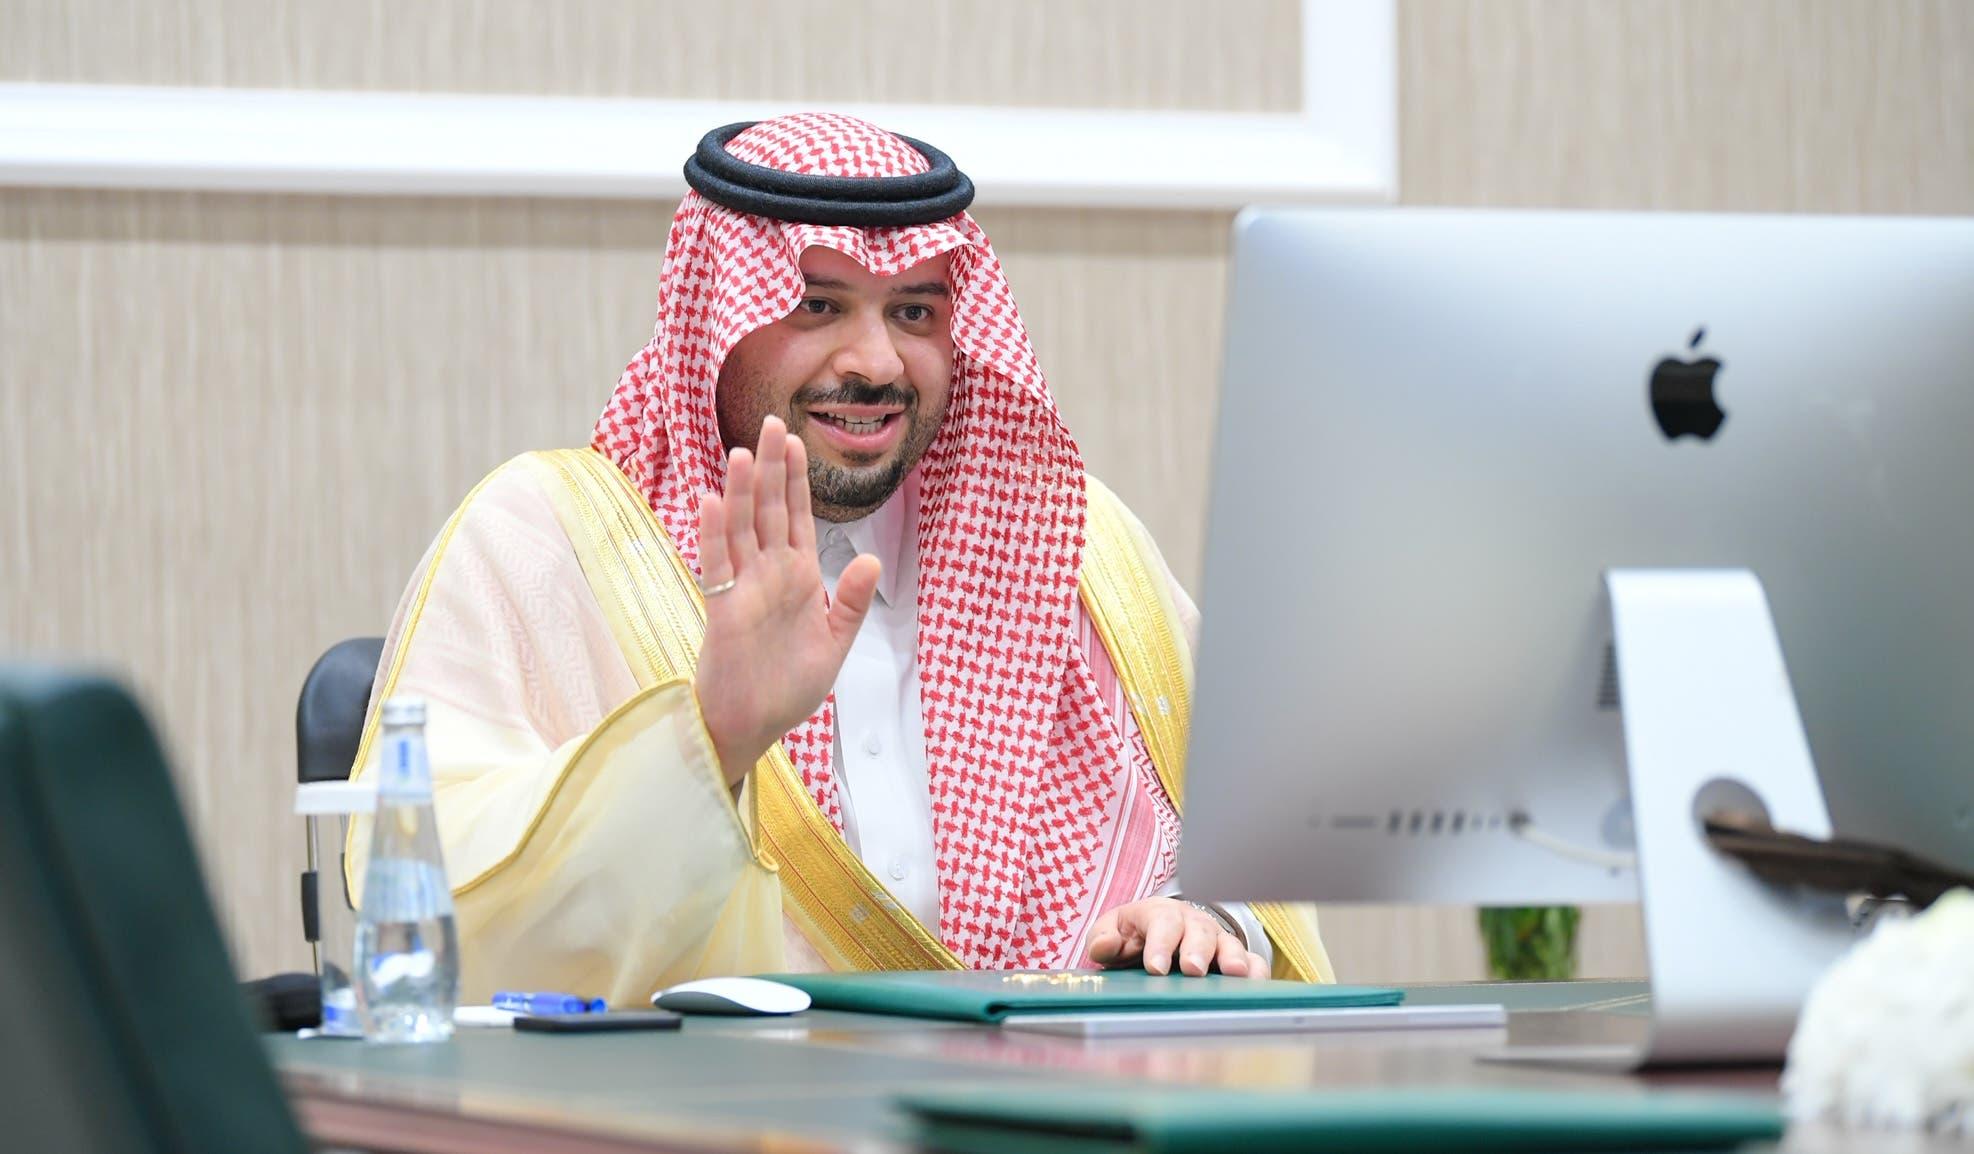 أمير منطقة الحدود الشمالية الأمير فيصل بن خالد بن سلطان اطمأن على صحتها